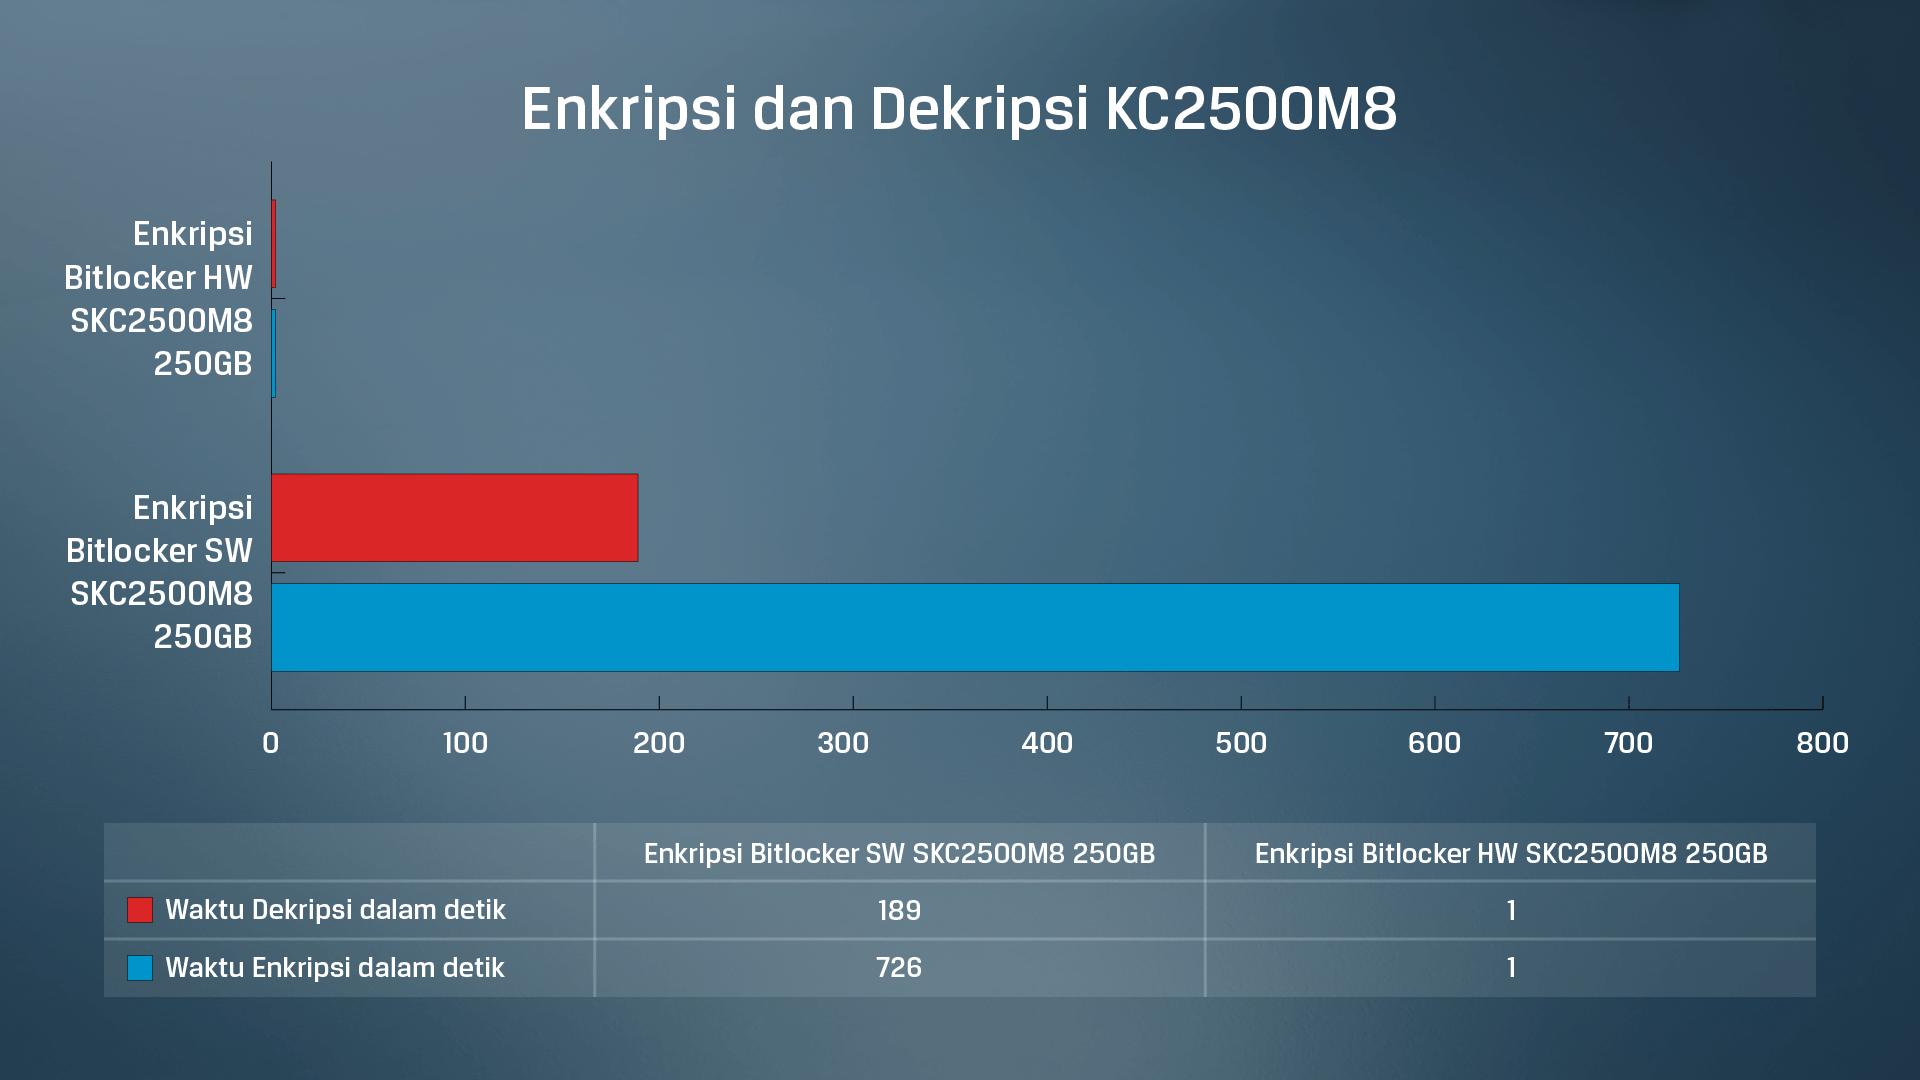 Hasil pengujian data enkripsi dan dekripsi berbasis perangkat lunak vs perangkat keras SSD KC2500 Kingston